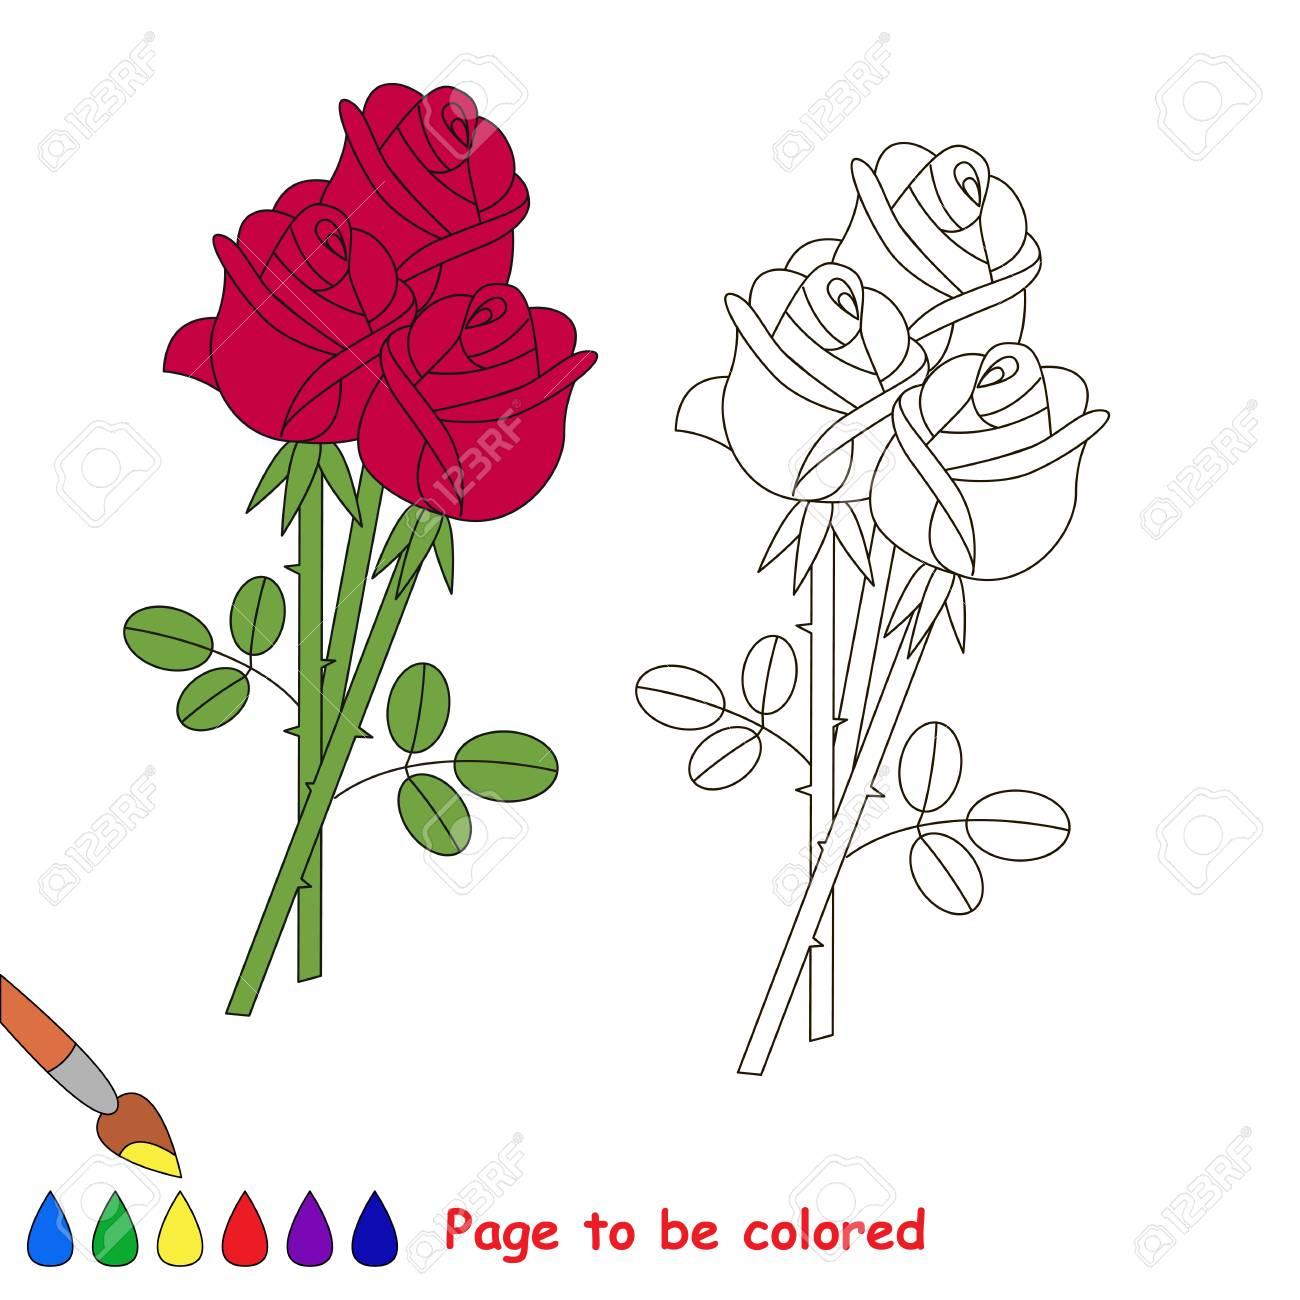 Único Colorear Libro Manzana Fotos - Enmarcado Para Colorear ...